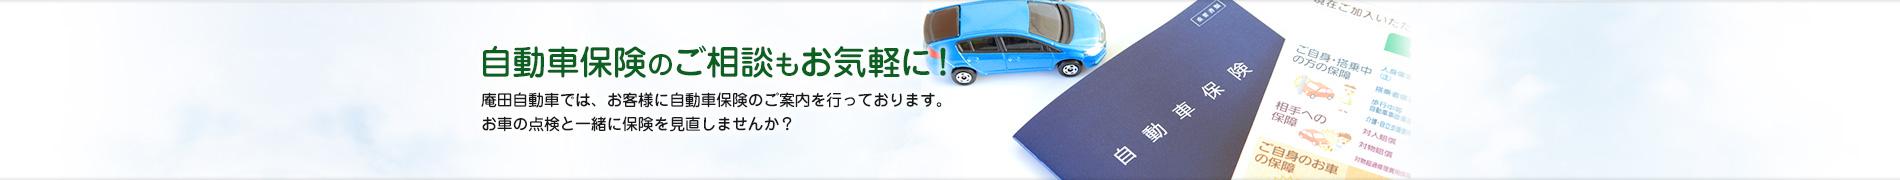 自動車保険のご相談もお気軽に!庵田自動車では、お客様に自動車保険のご案内を行っております。